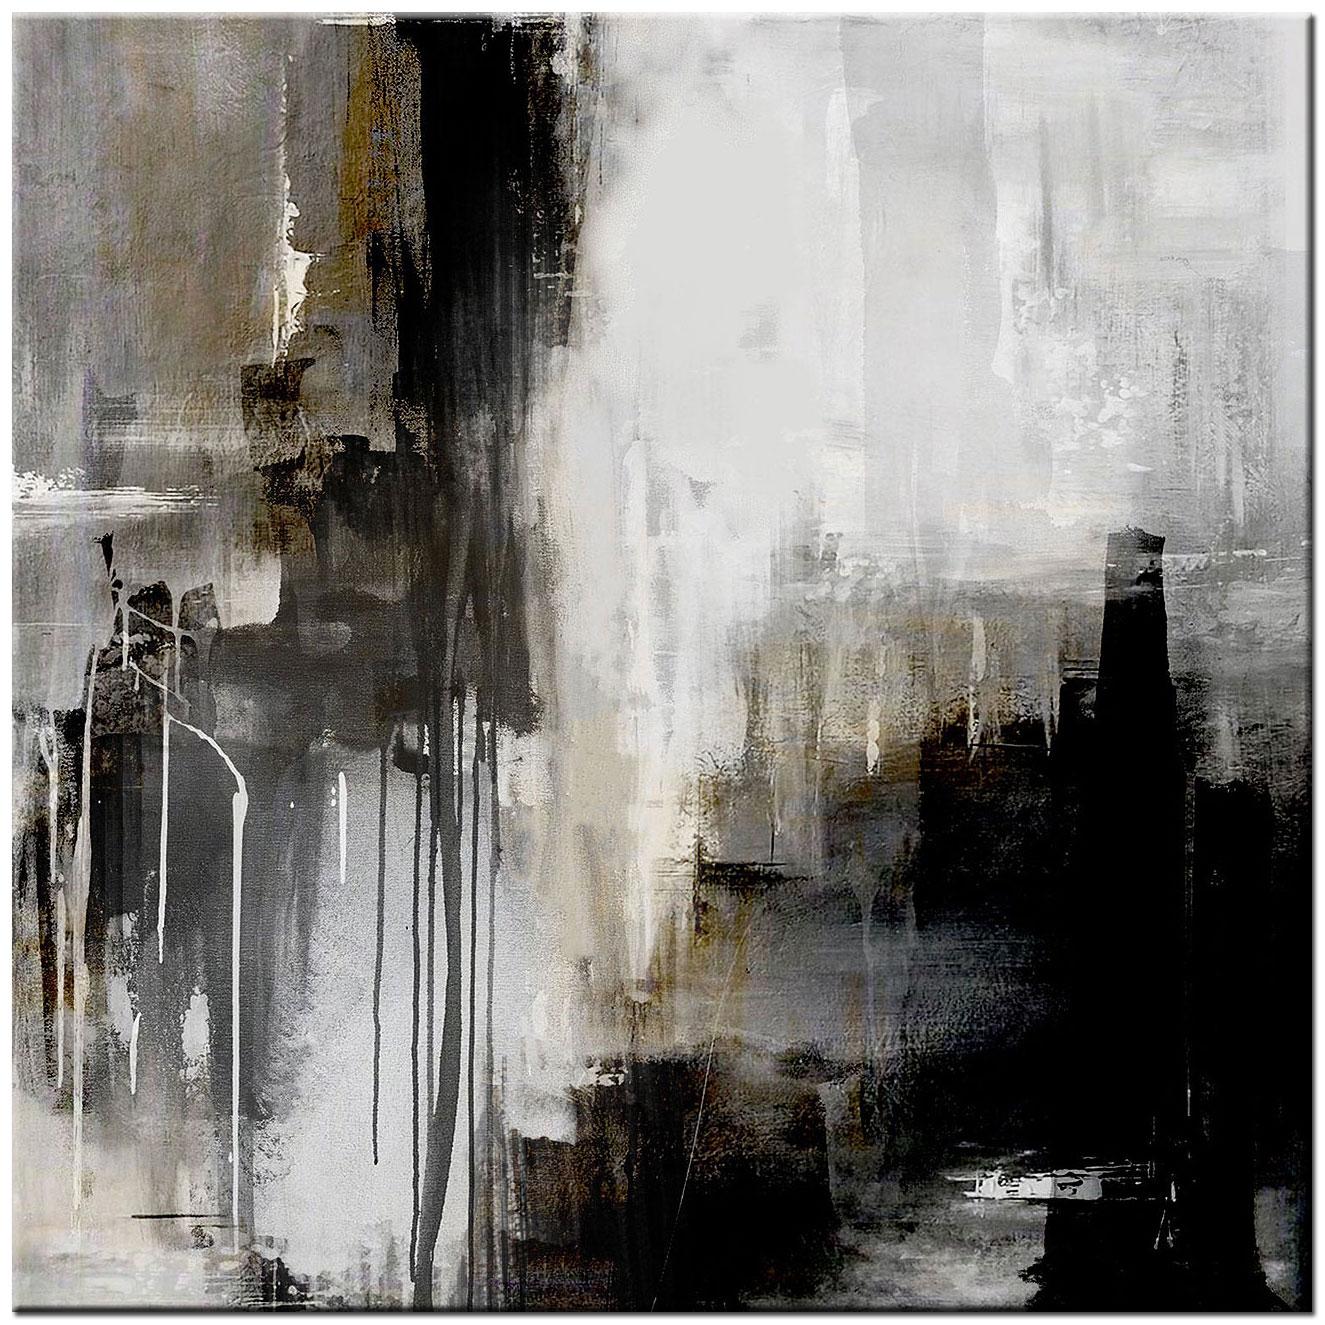 Beste In de Schaduw zwart/wit abstract schilderij 100x100cm VP-12